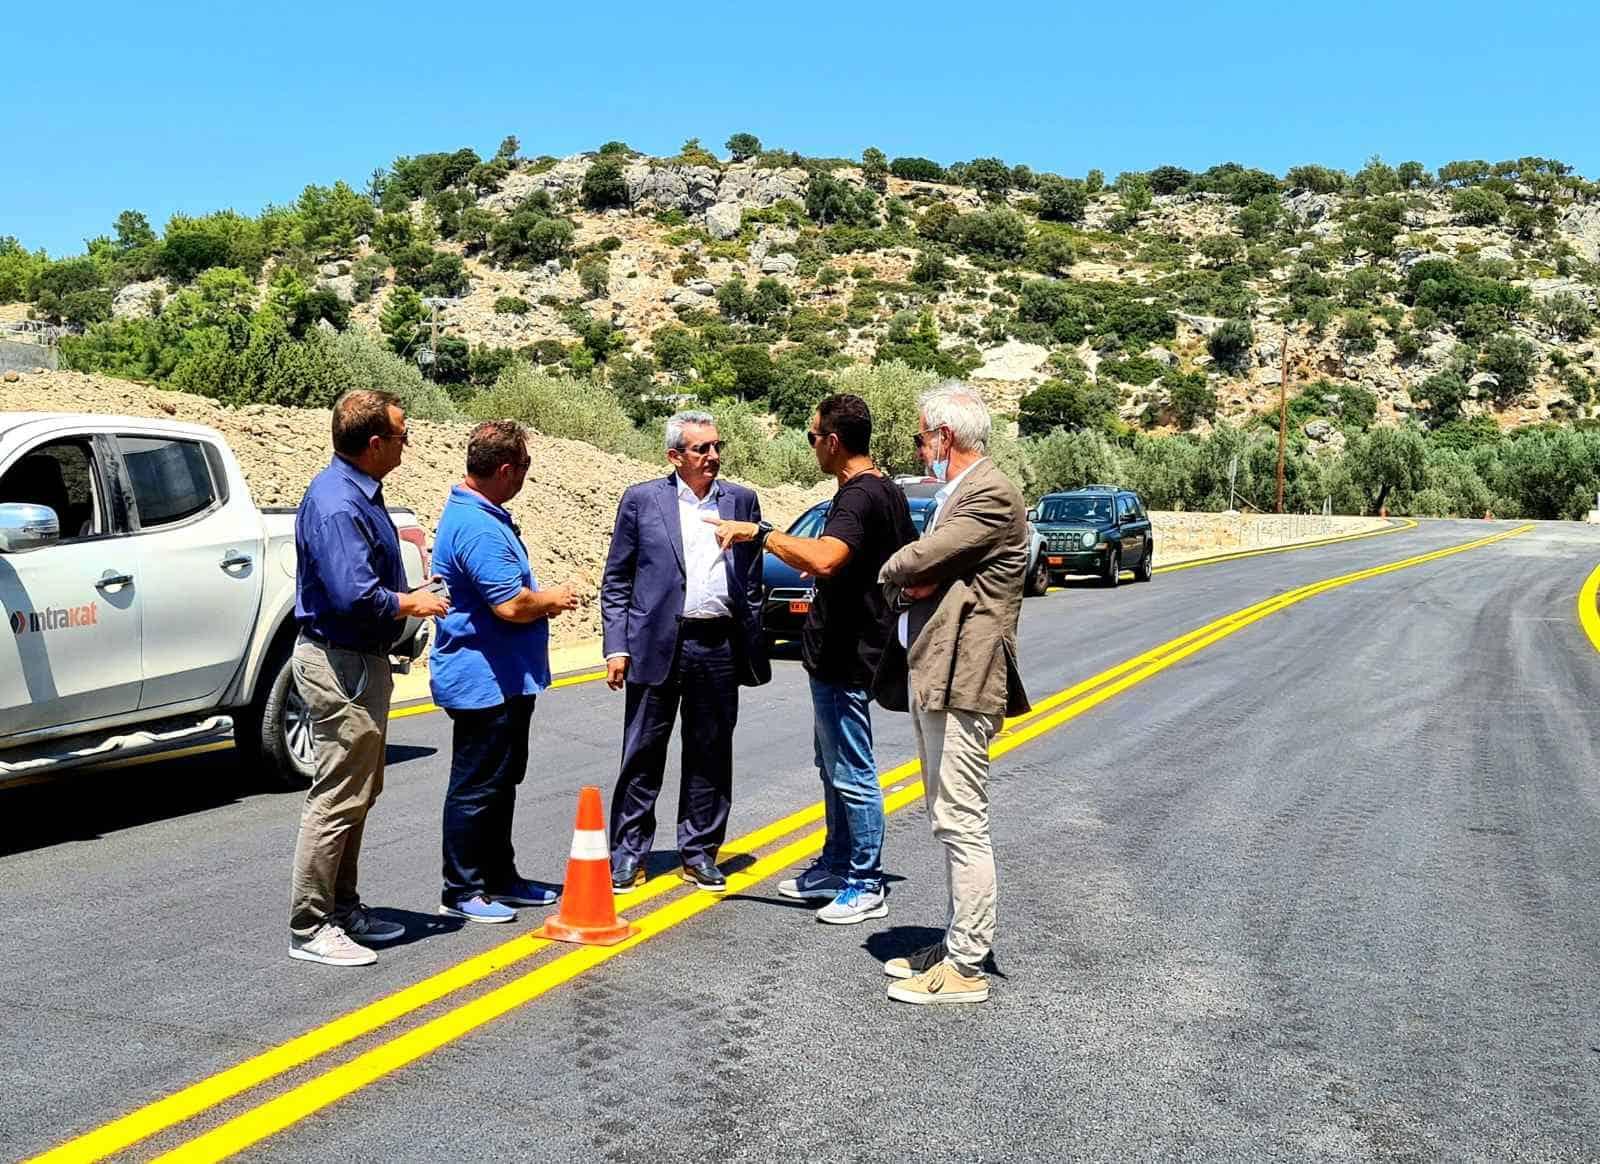 Παραδόθηκε σήμερα στην κυκλοφορία από την Περιφέρεια, η νέα, παράλληλη με τη  γέφυρα του ποταμού Μάκαρη οδός, στη θέση Χαράκι